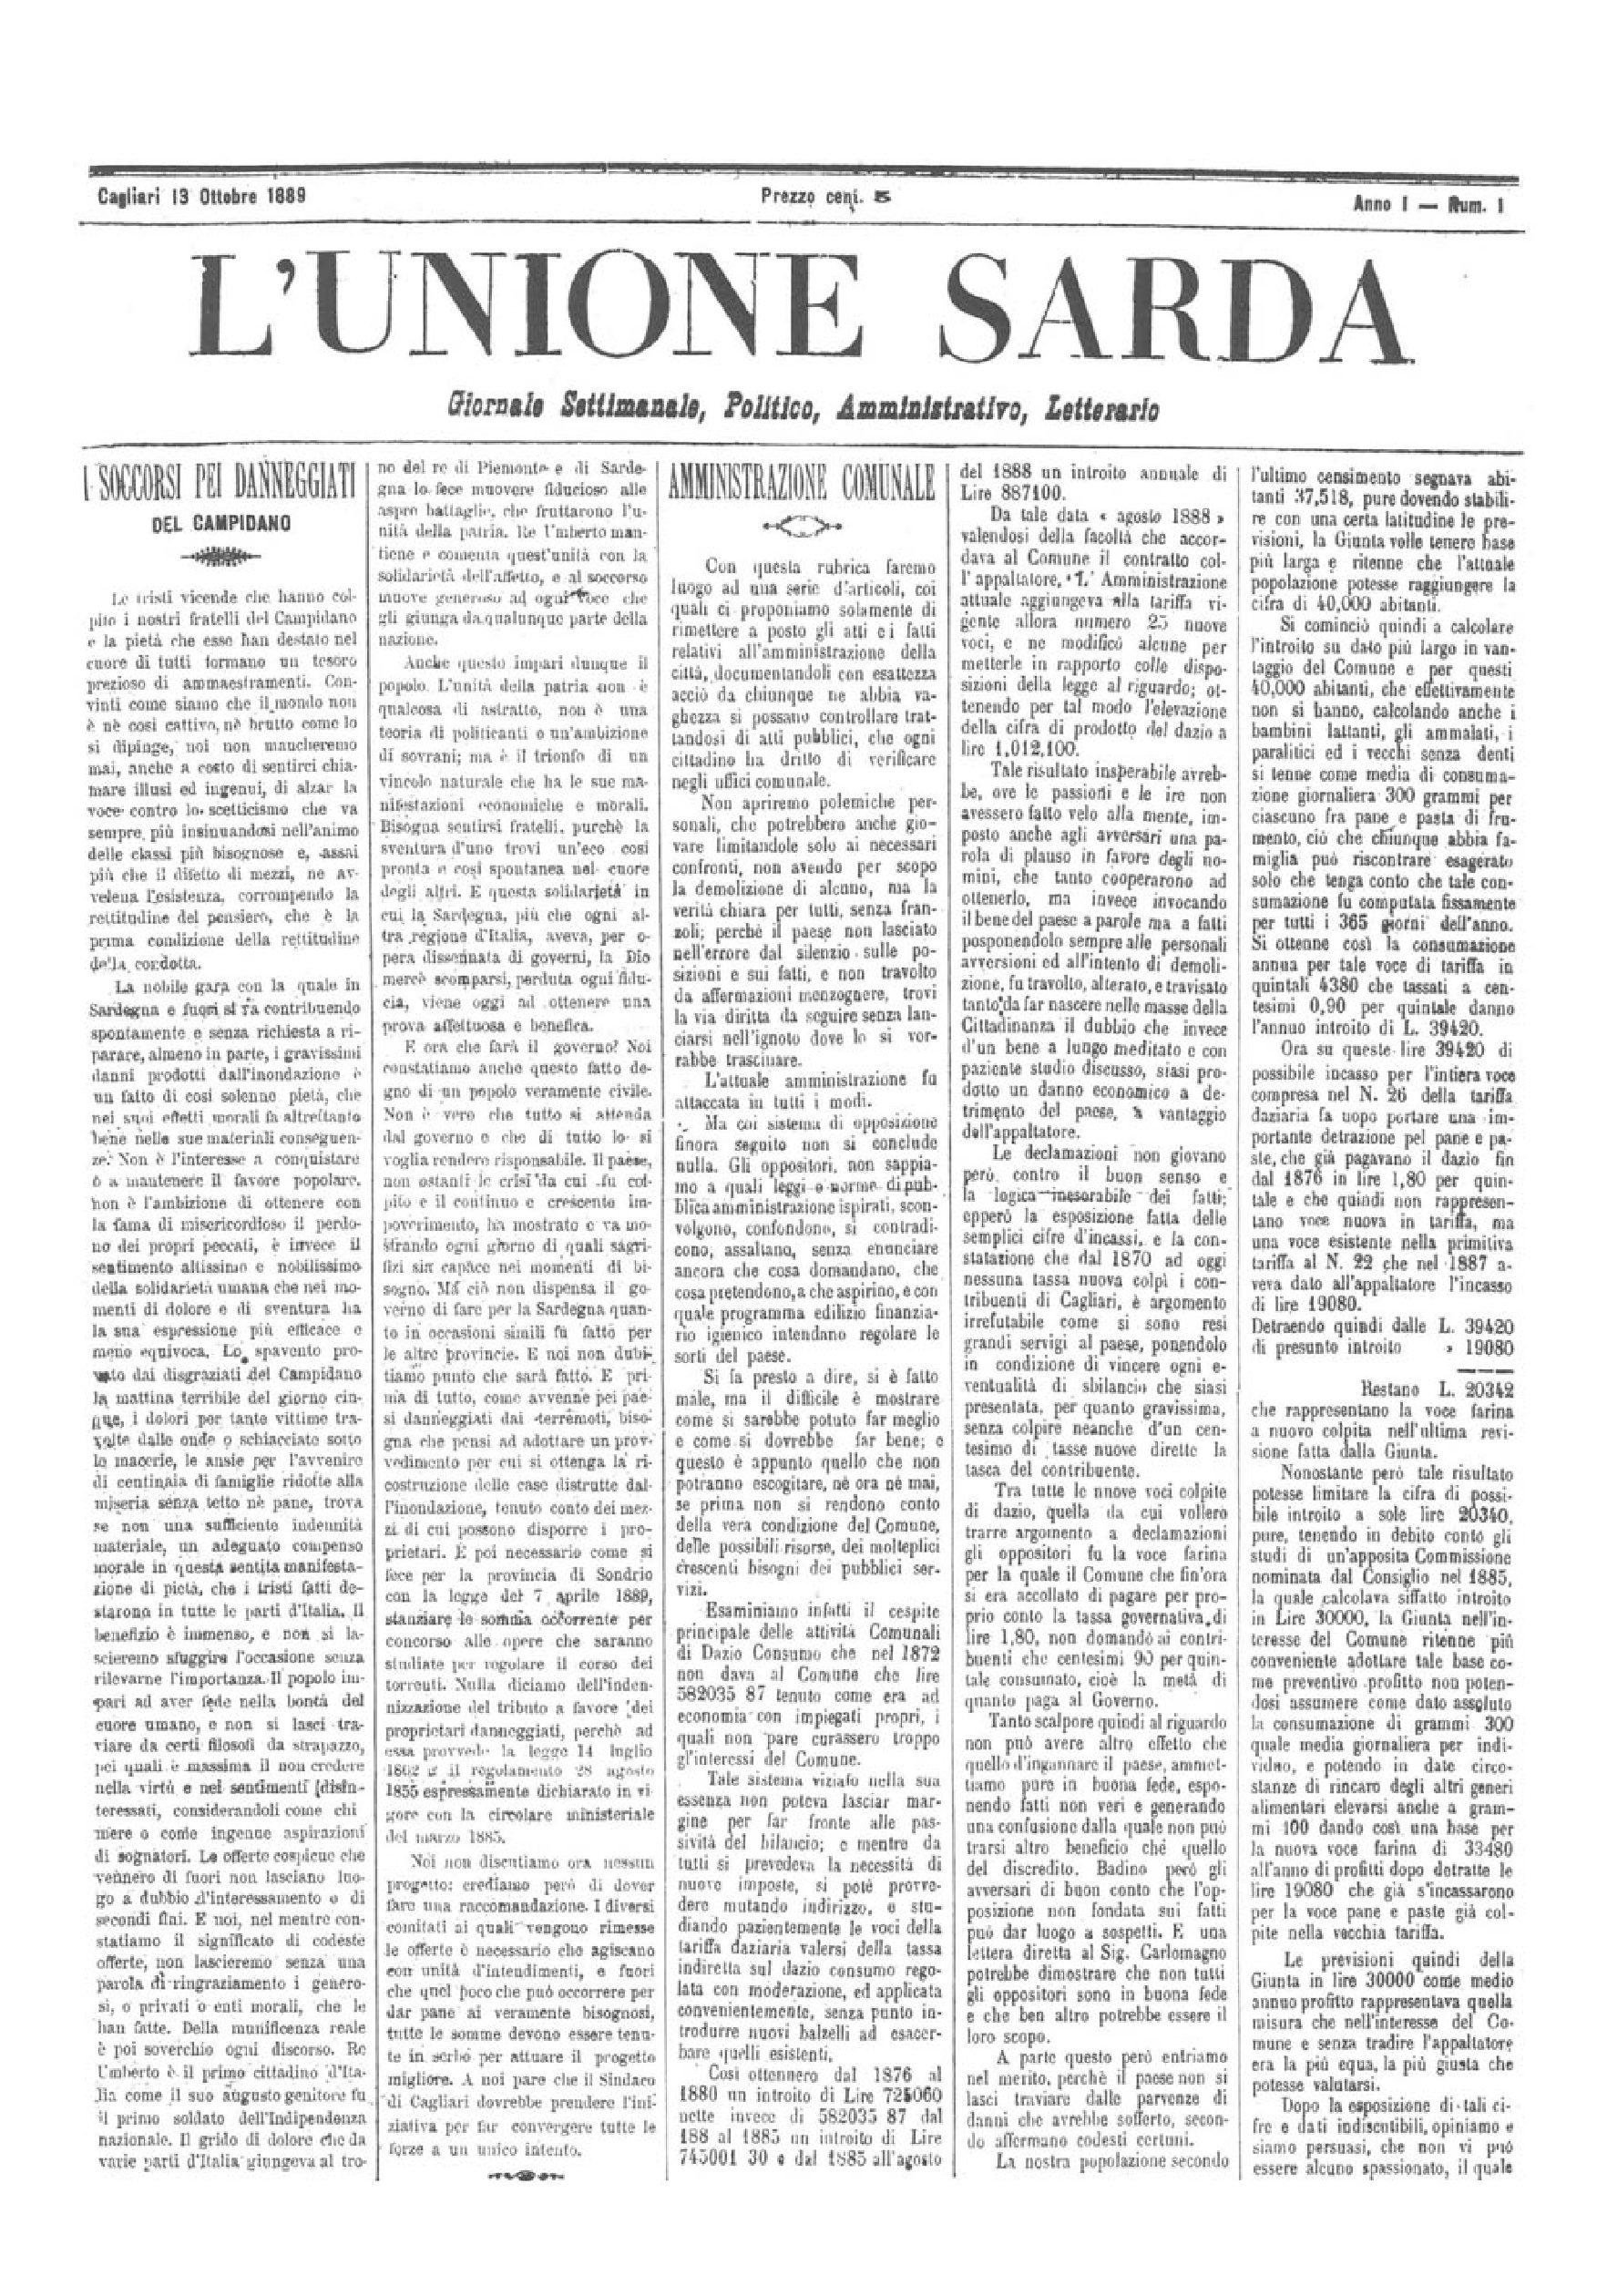 L'Unione Sarda compie 130 anni